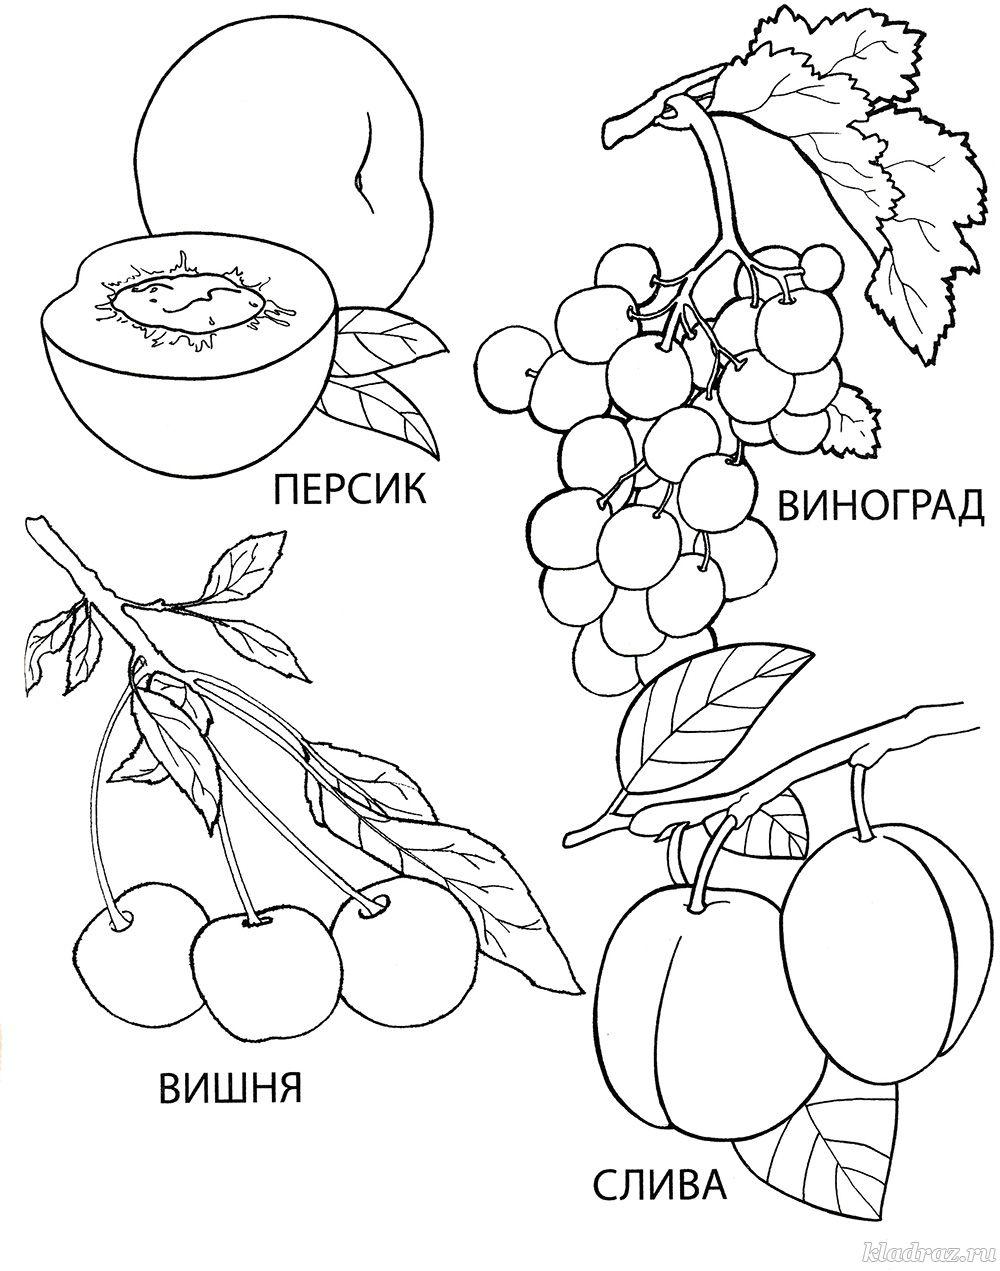 Раскраска для детей 4-6 лет. Ягоды и фрукты